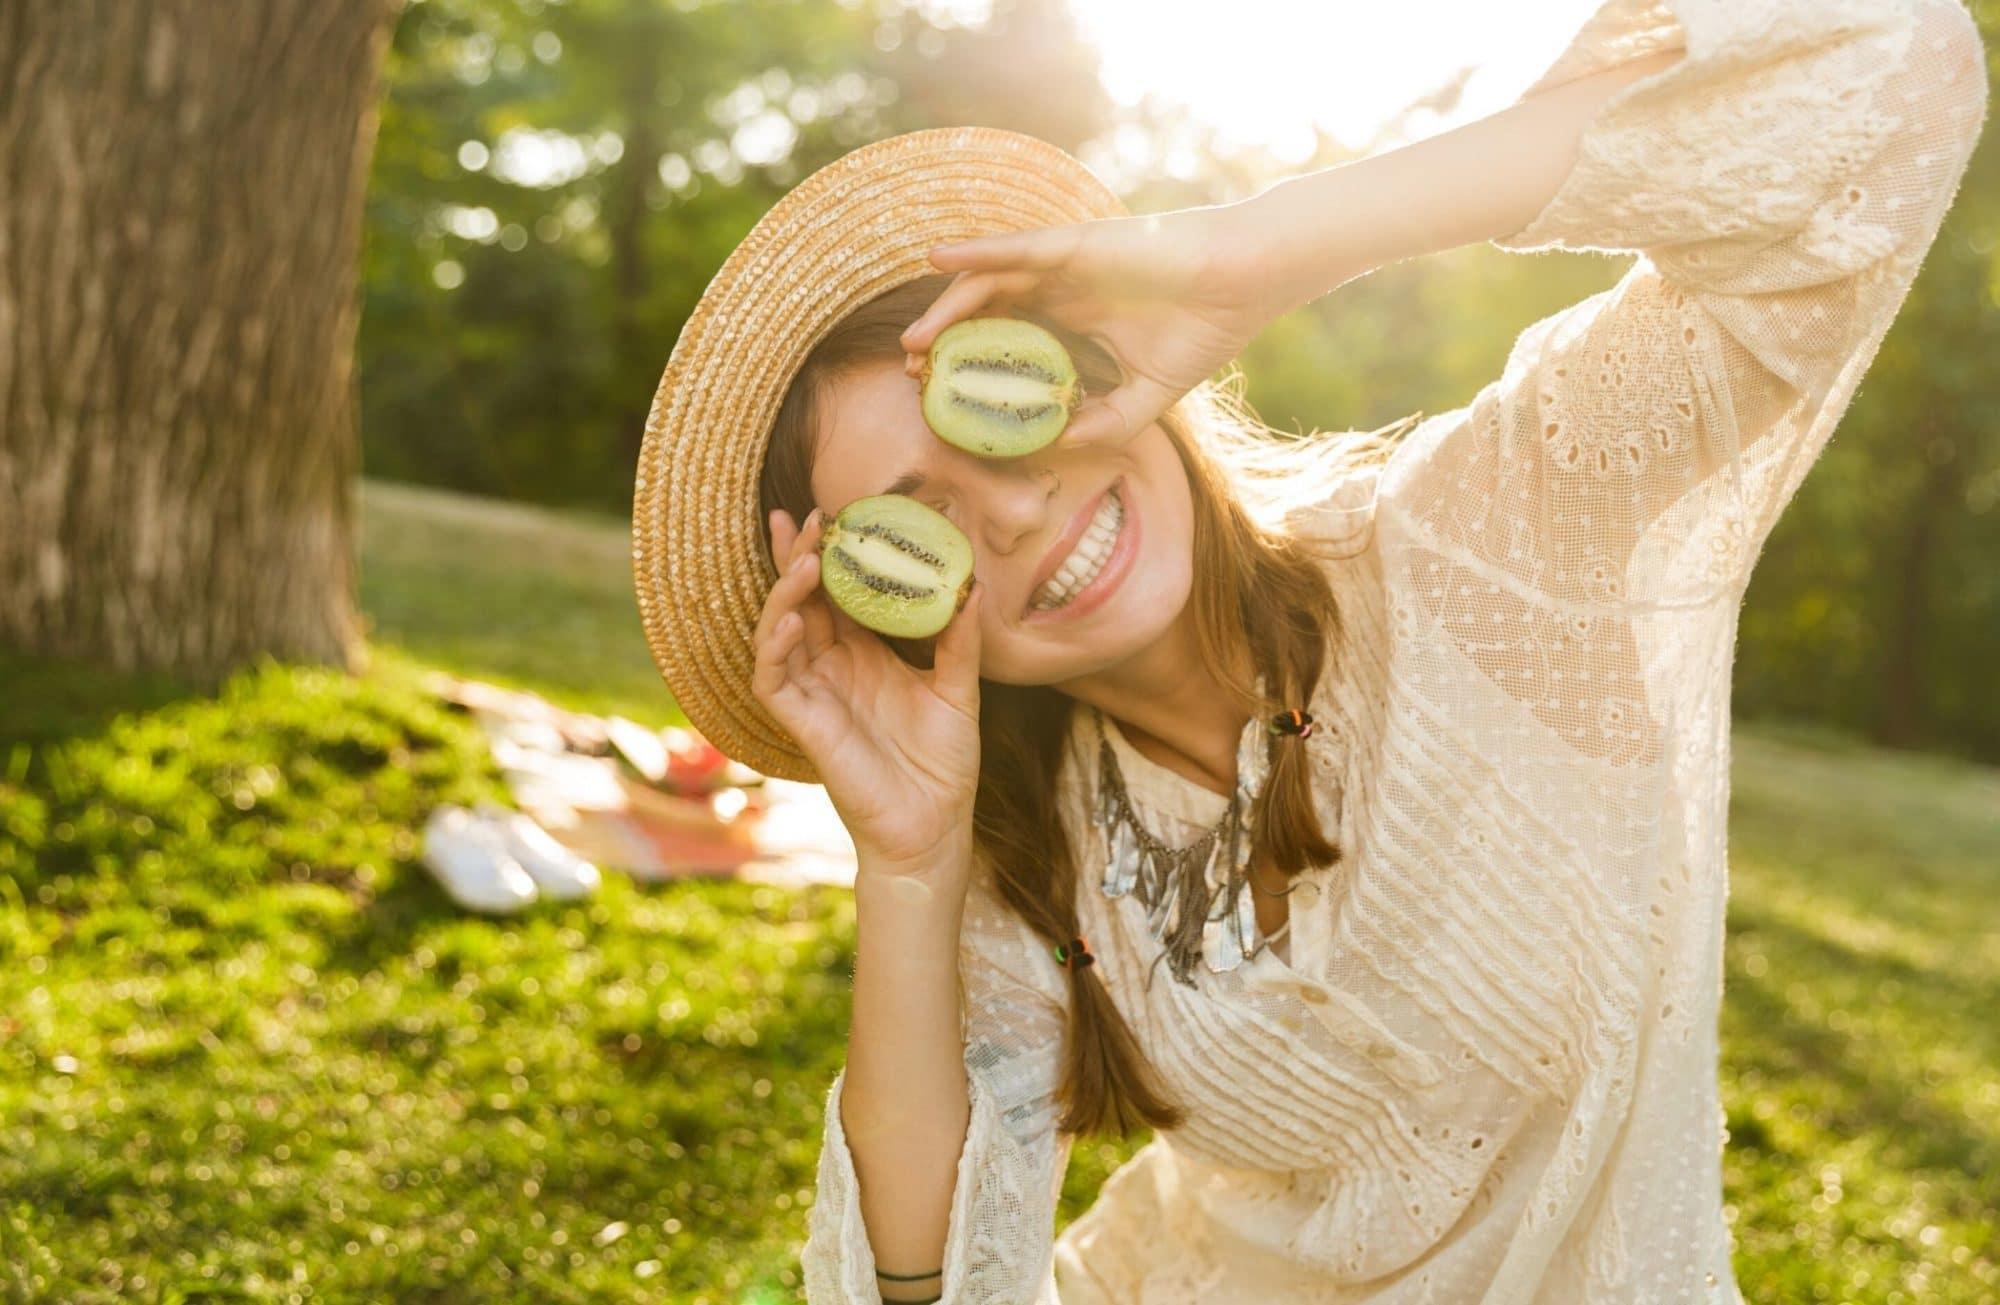 Les 11 fruits et légumes qui renforcent votre système immunitaire